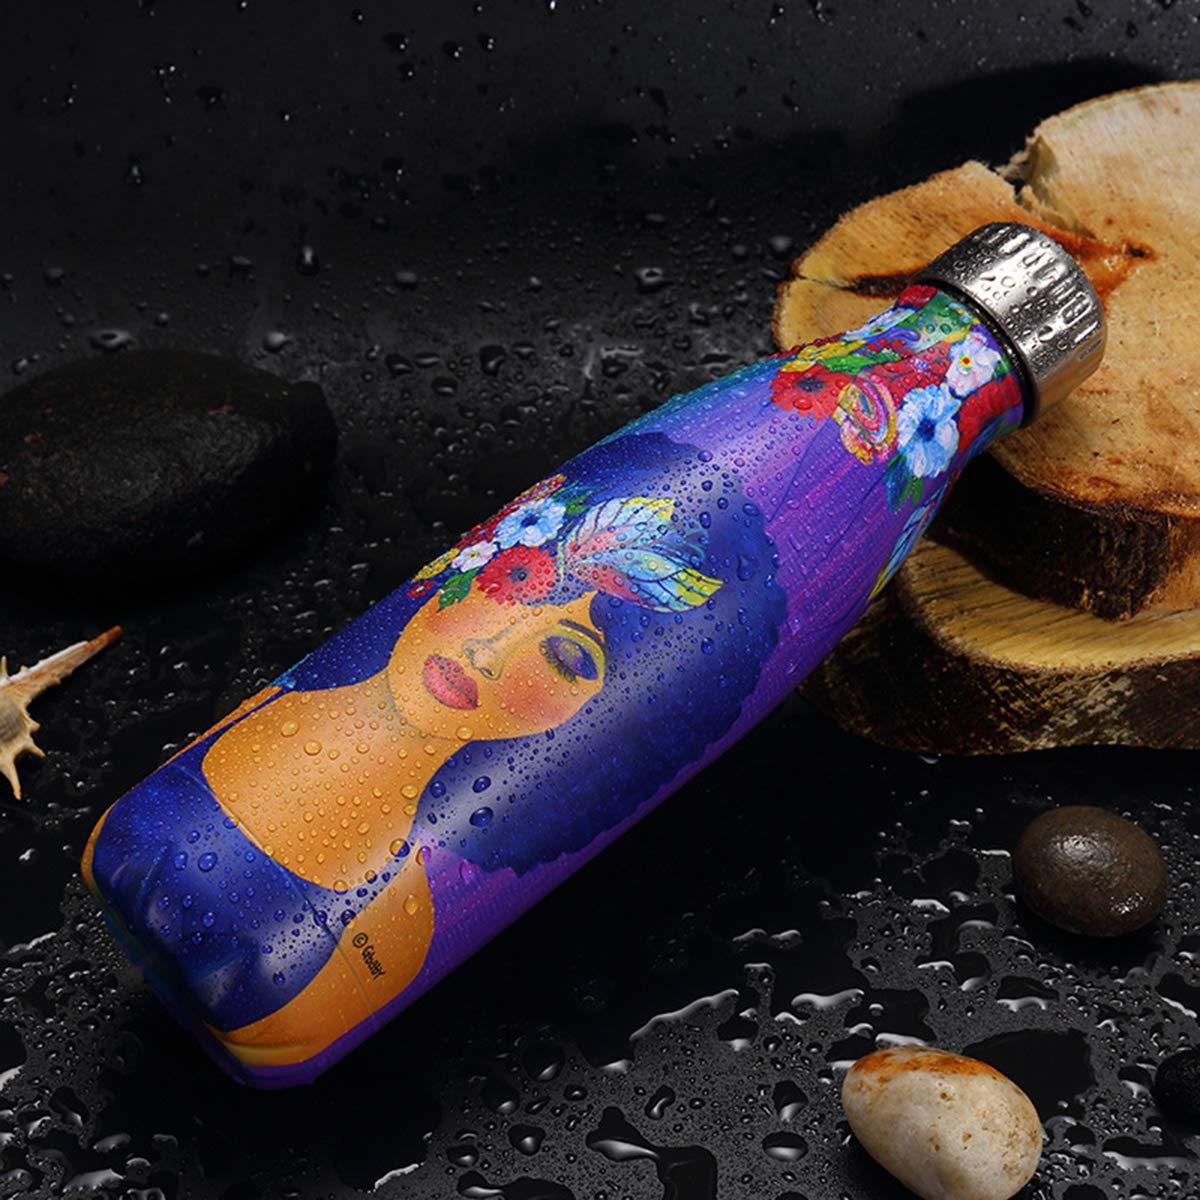 Bouteille deau Isotherme,500ml Bouteille Eau Reutilisable Thermos BPA Free Double Paroi Gourde INOX Isotherme Brosse de Nettoyage